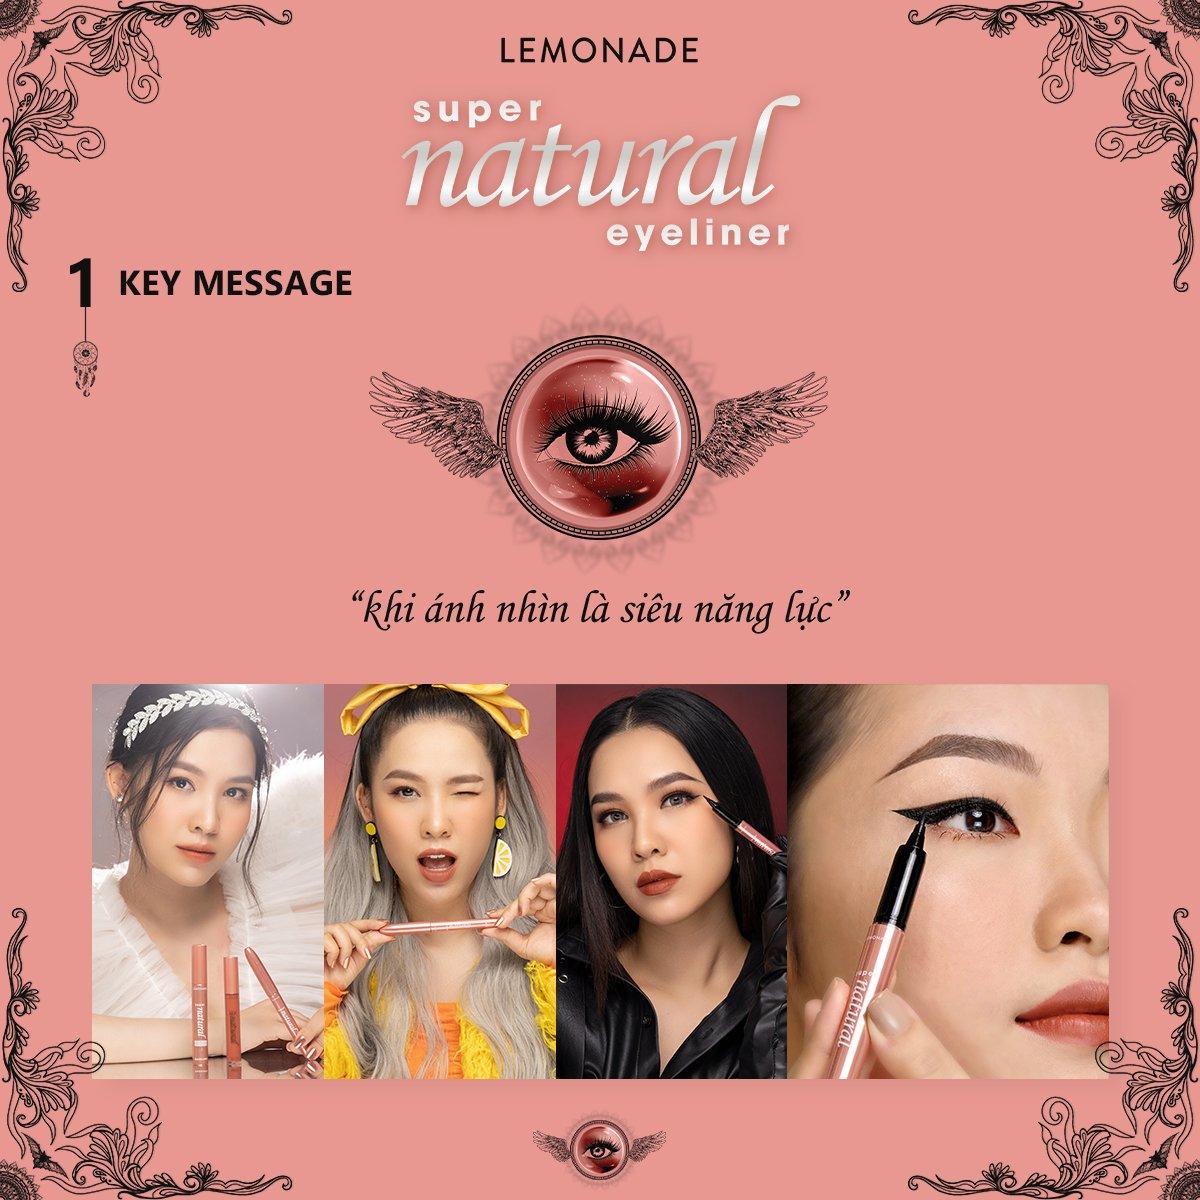 Bút kẻ mắt Lemonade SuperNatural Eyeliner 1g